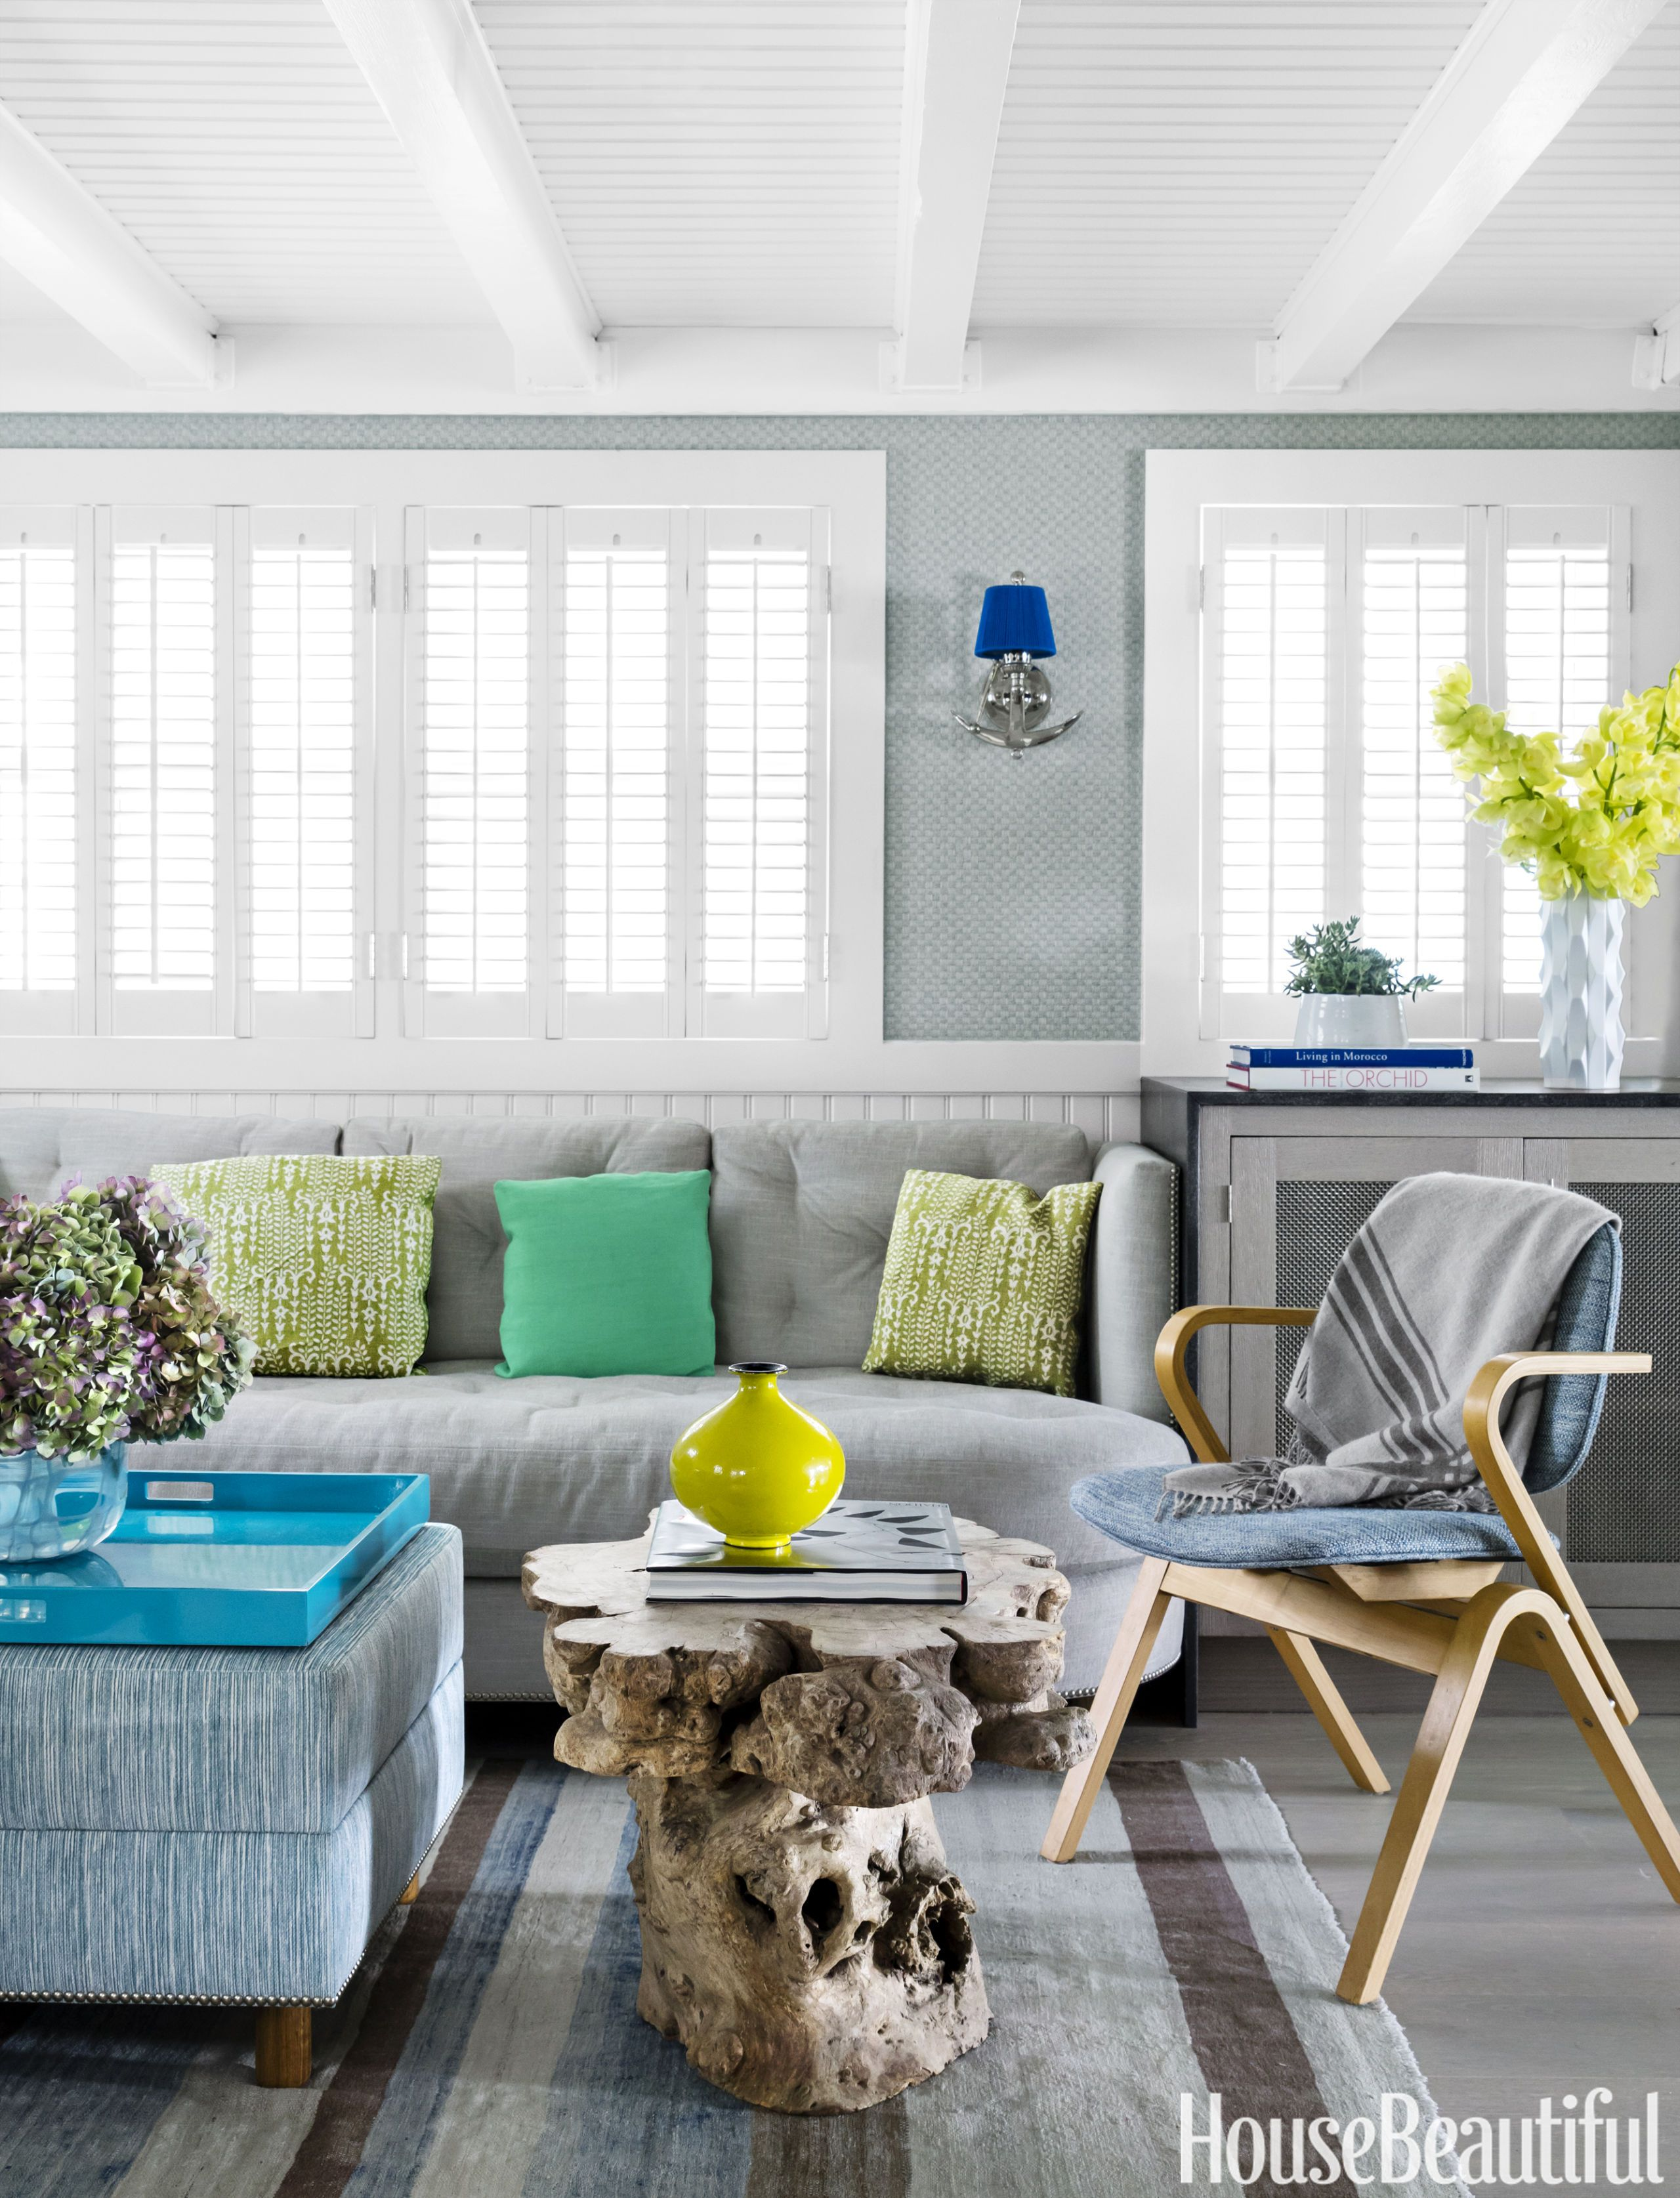 Image. James Merrell. Seaside Living Room